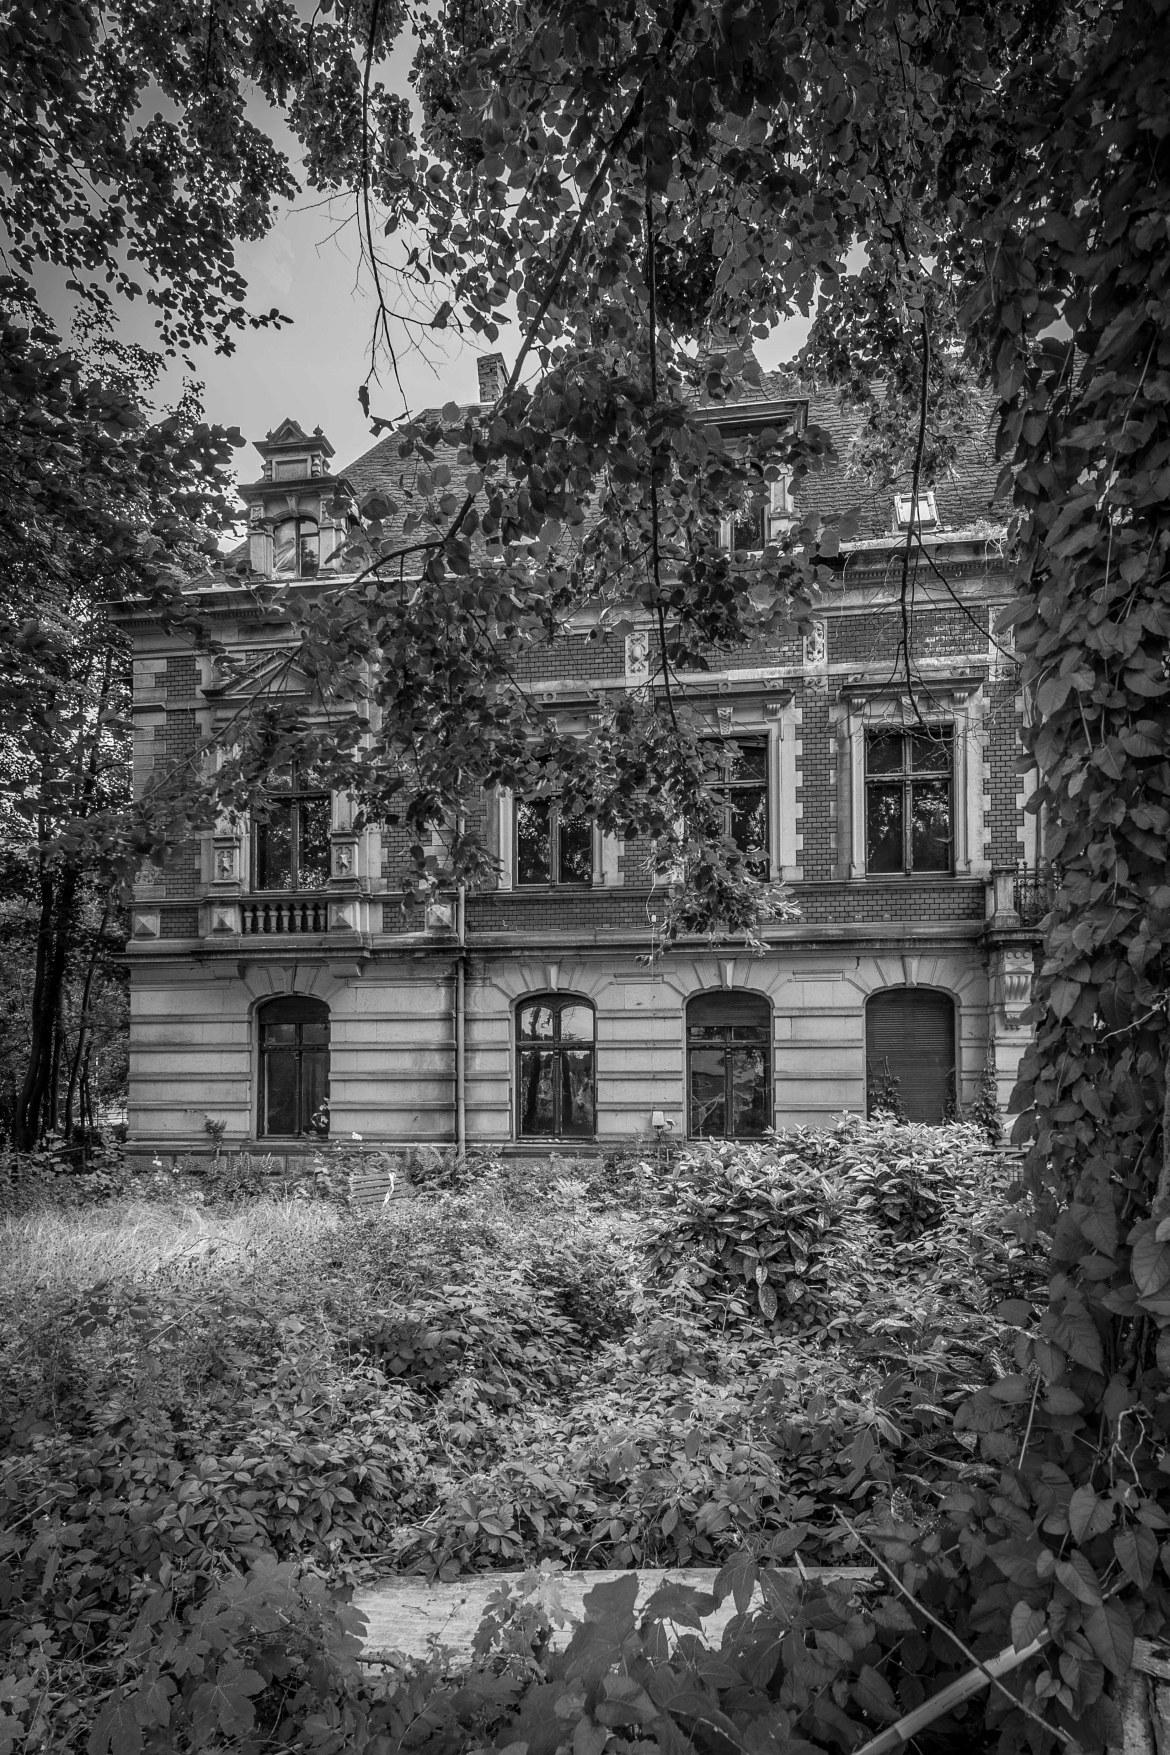 2012_06_25__HildebrandscheMühle_20120625_MG_4339 by Roger Schäfer.